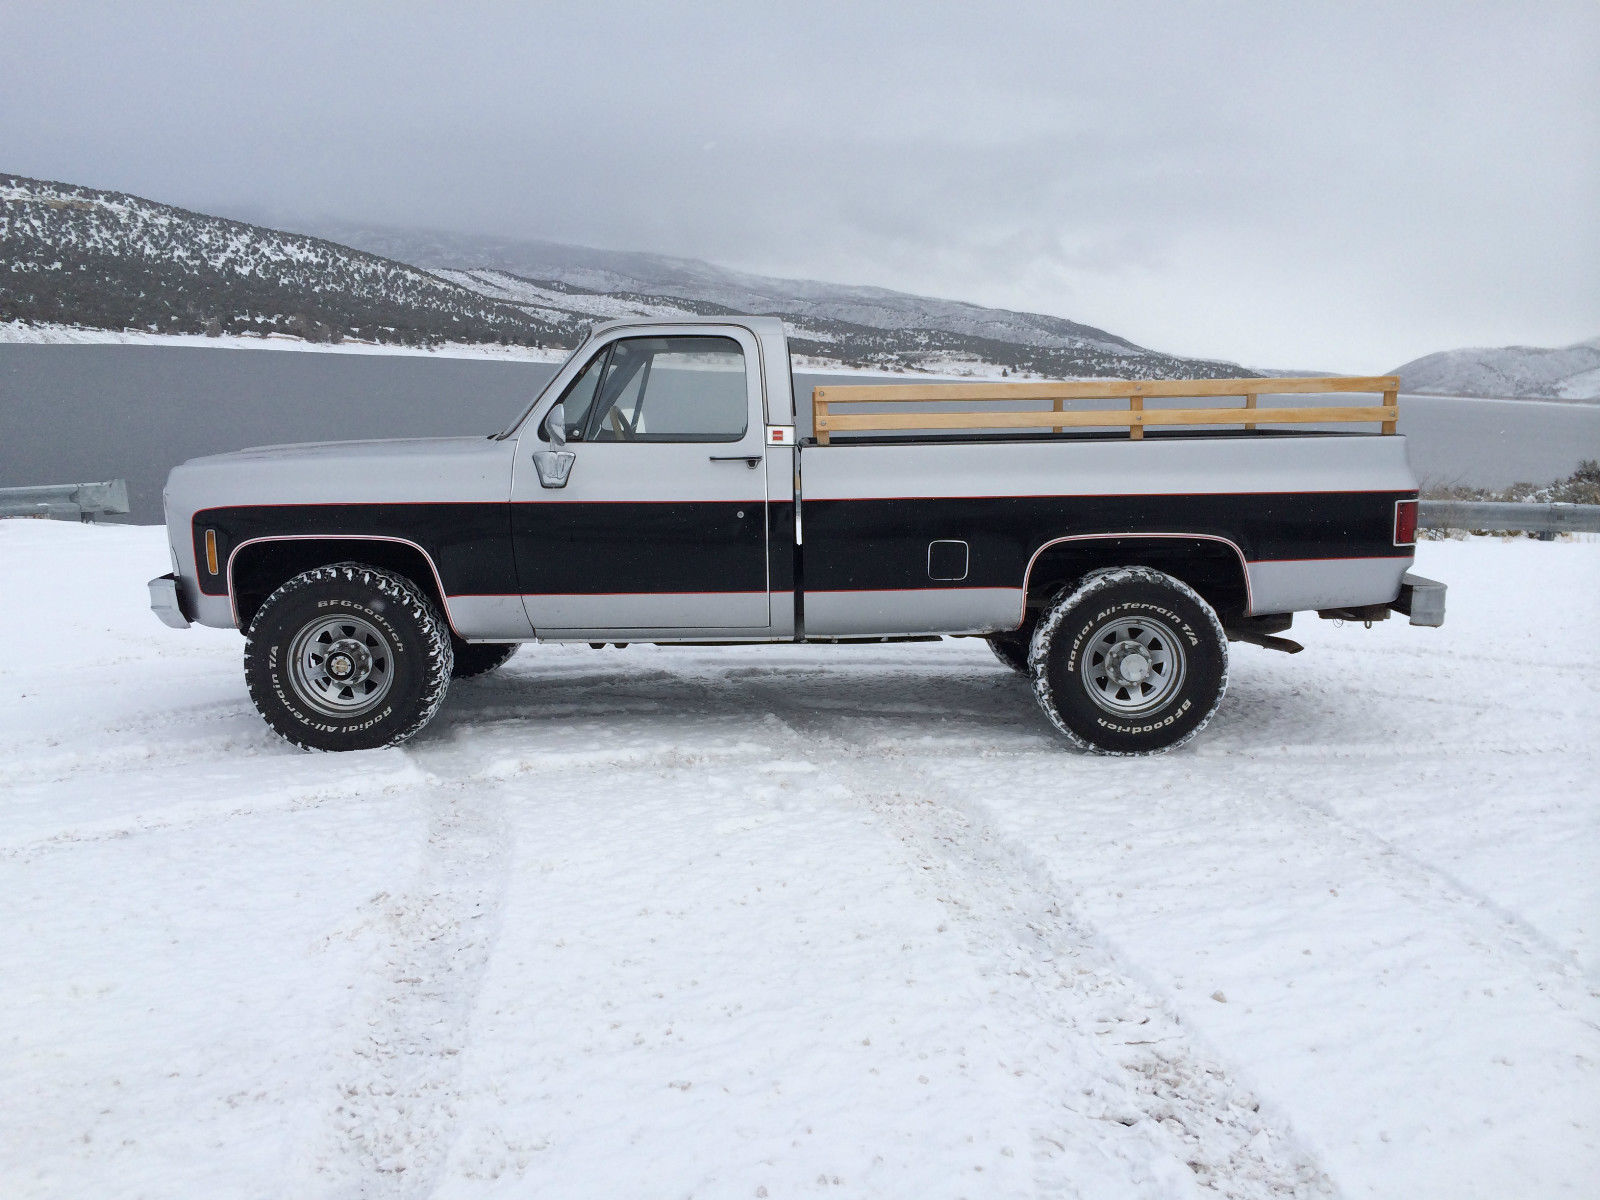 1980 gmc sierra grande 2500 k20 454 4x4 nice l k for sale in ogden utah united states. Black Bedroom Furniture Sets. Home Design Ideas